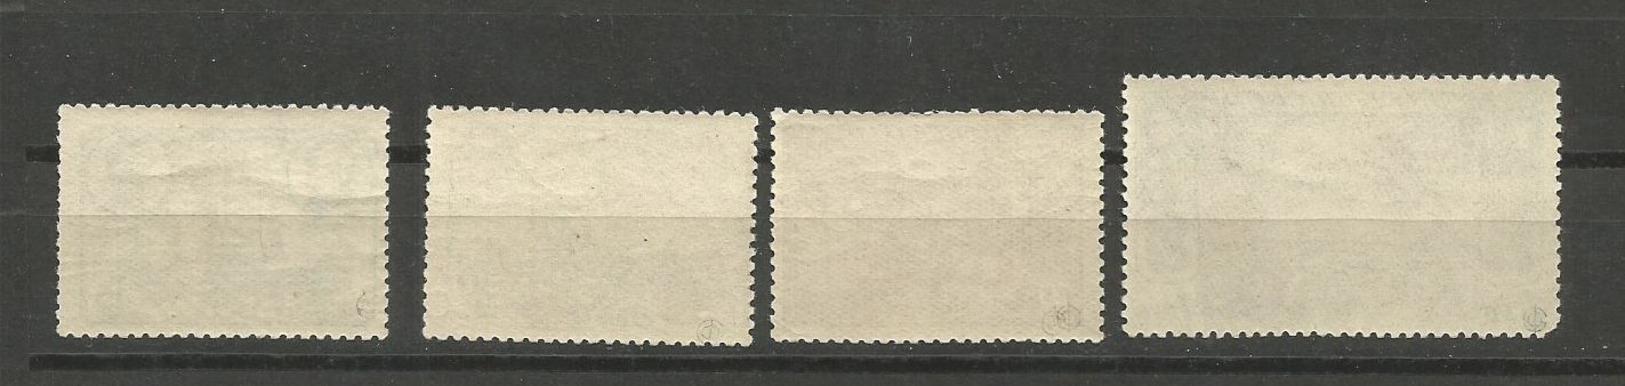 USSR RUSSIA 1940 COMPLETE SERIES POLAR DRIFTAGE OF SOVIET ICEBREAKER, SEDOV UNUSED - Unused Stamps